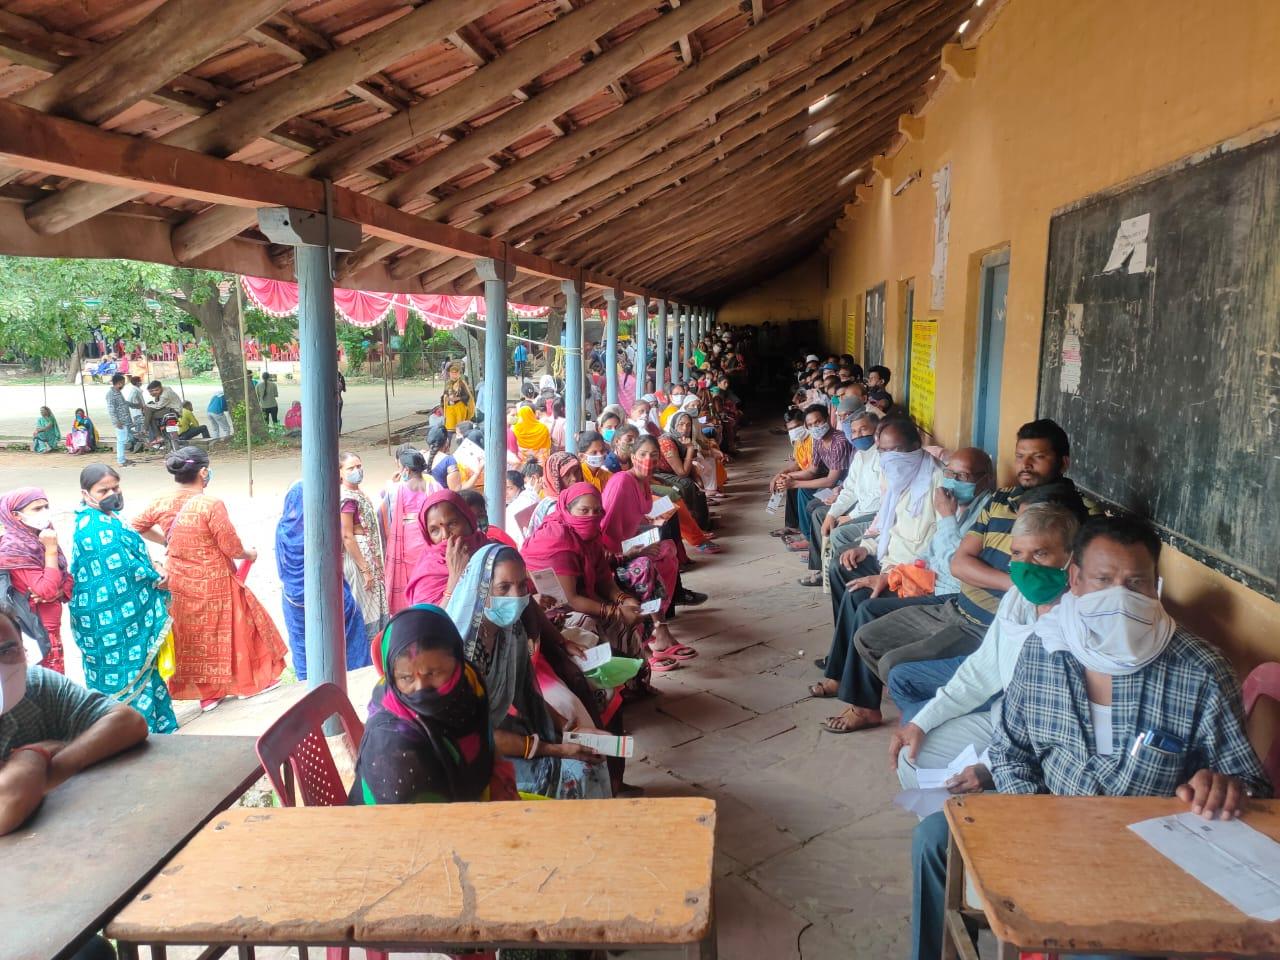 होशंगाबाद जिले में 42 केंद्रों पर कोवीशील्ड के पहला-दूसरा डोज, 10़100 वैक्सीन का लक्ष्य|होशंगाबाद,Hoshangabad - Dainik Bhaskar